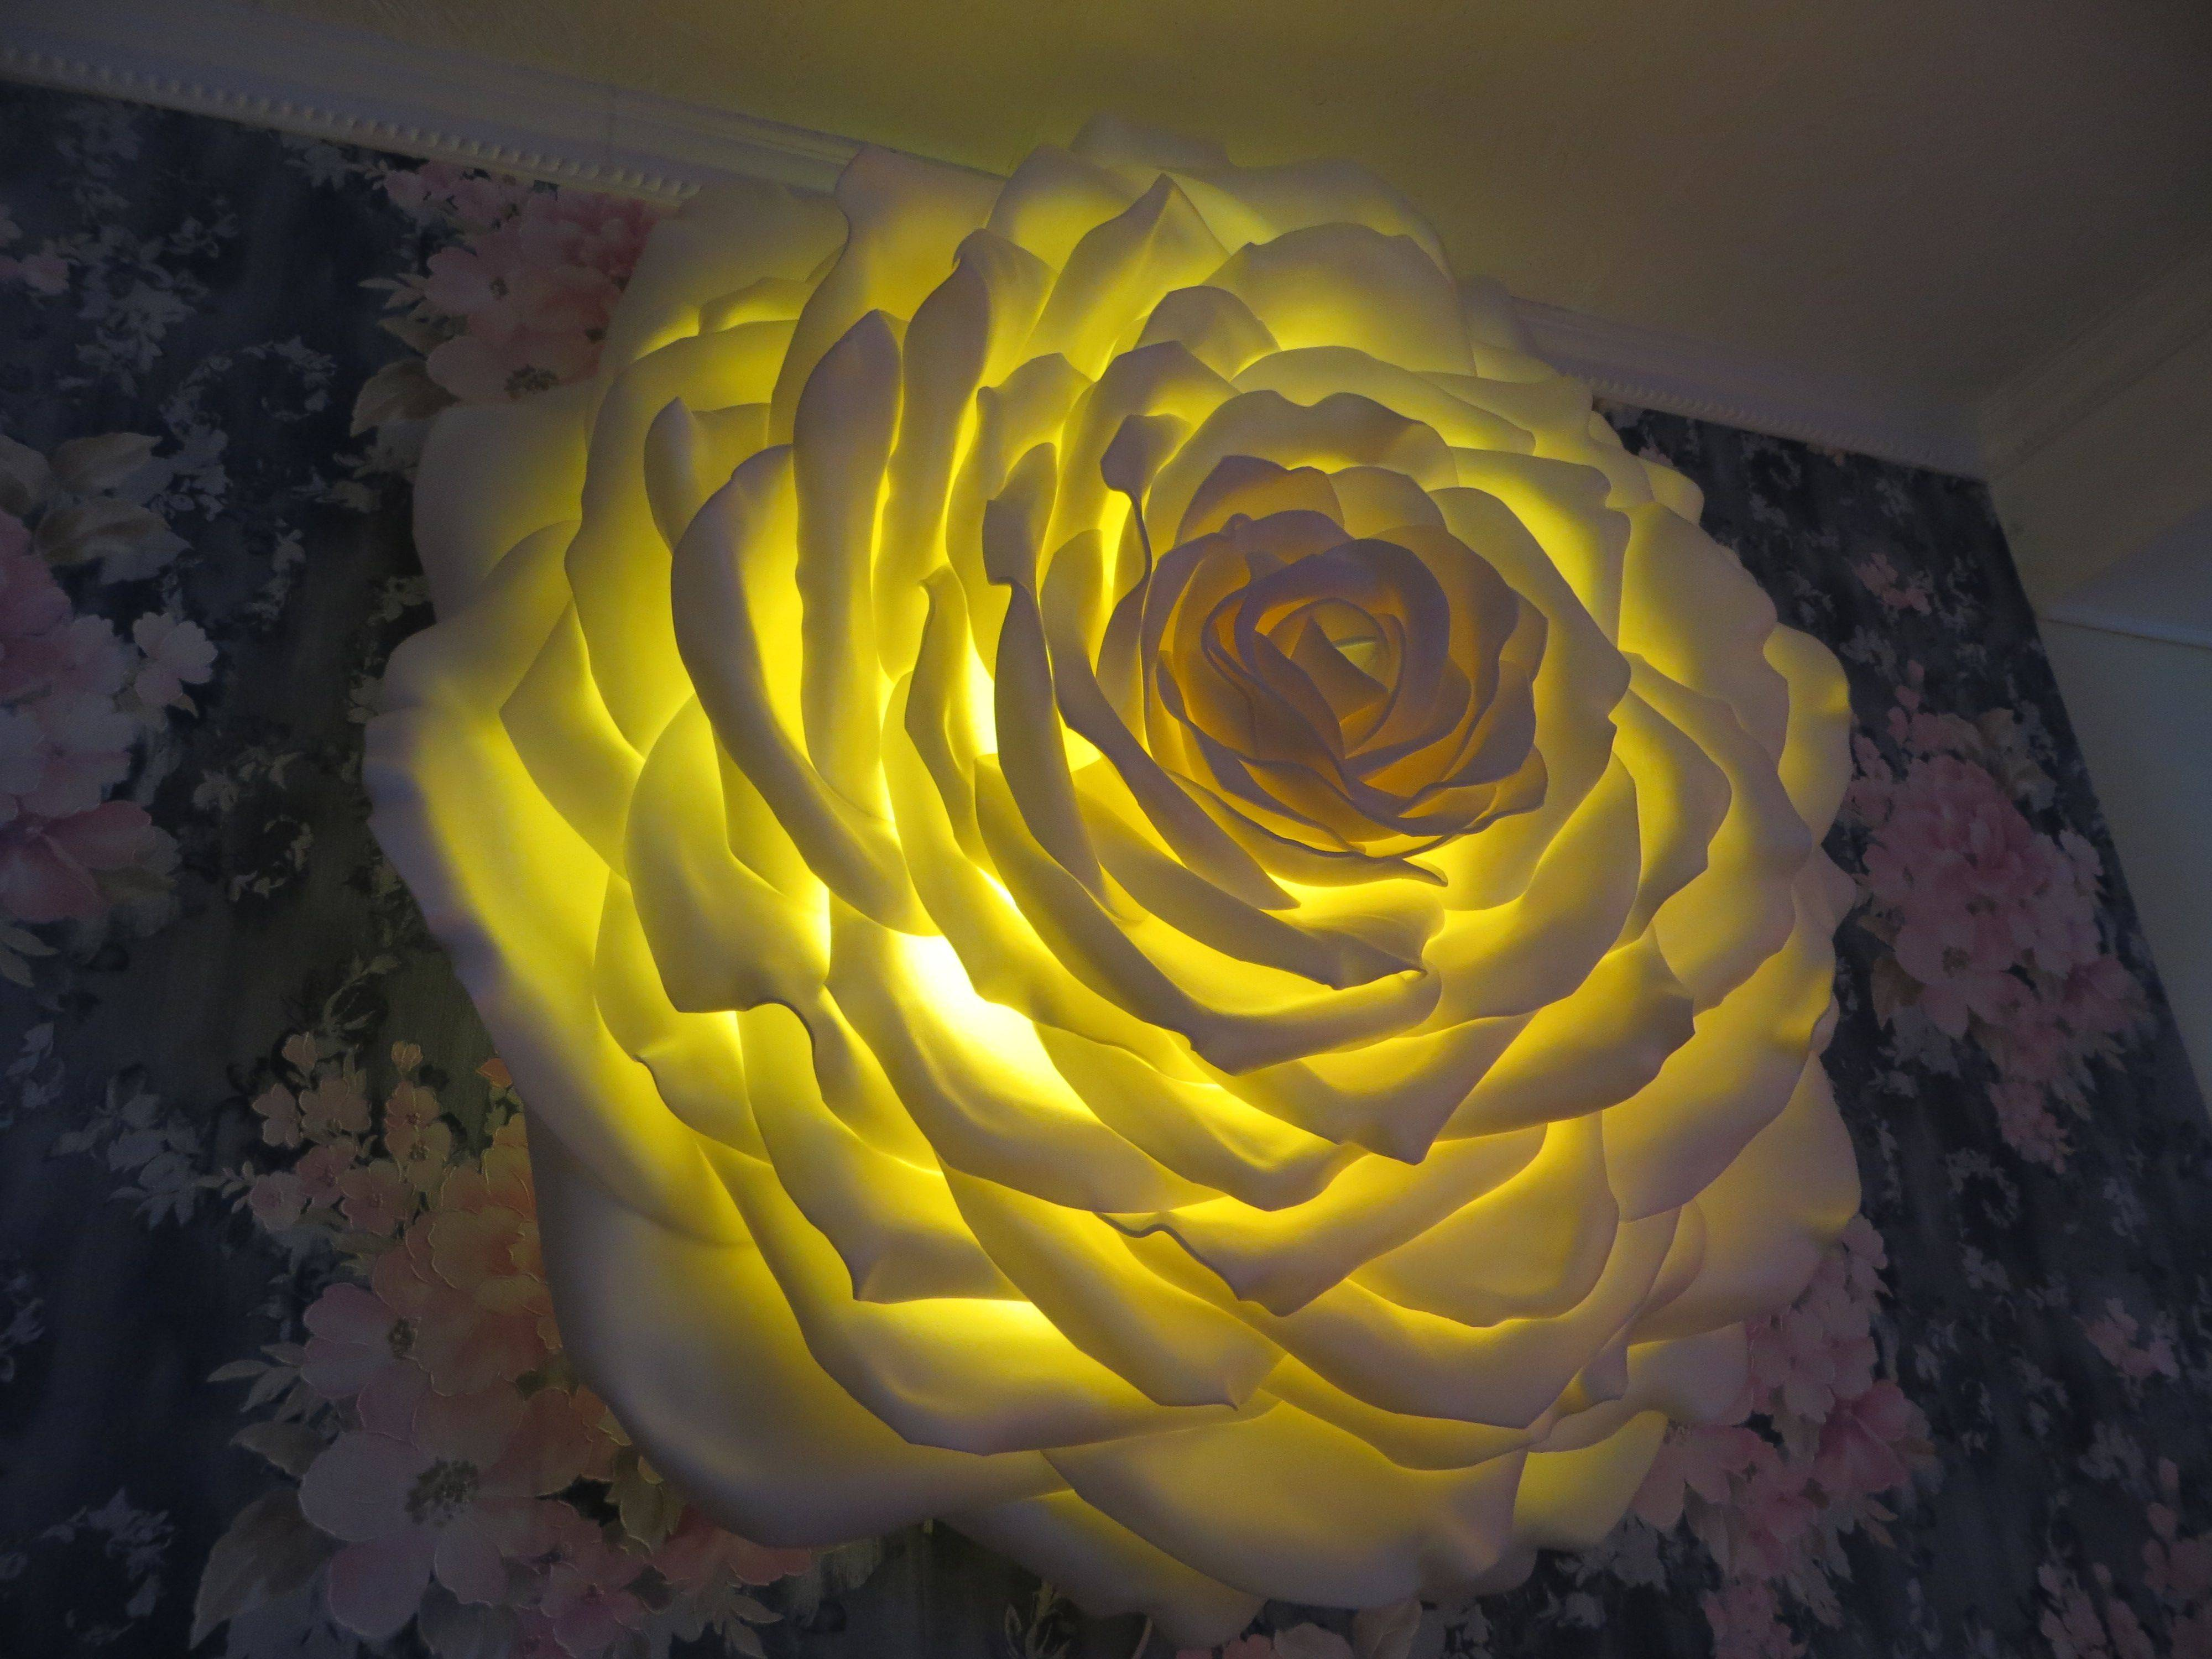 Цветы светильники из изолона: как сделать ростовой торшер в виде большой розы